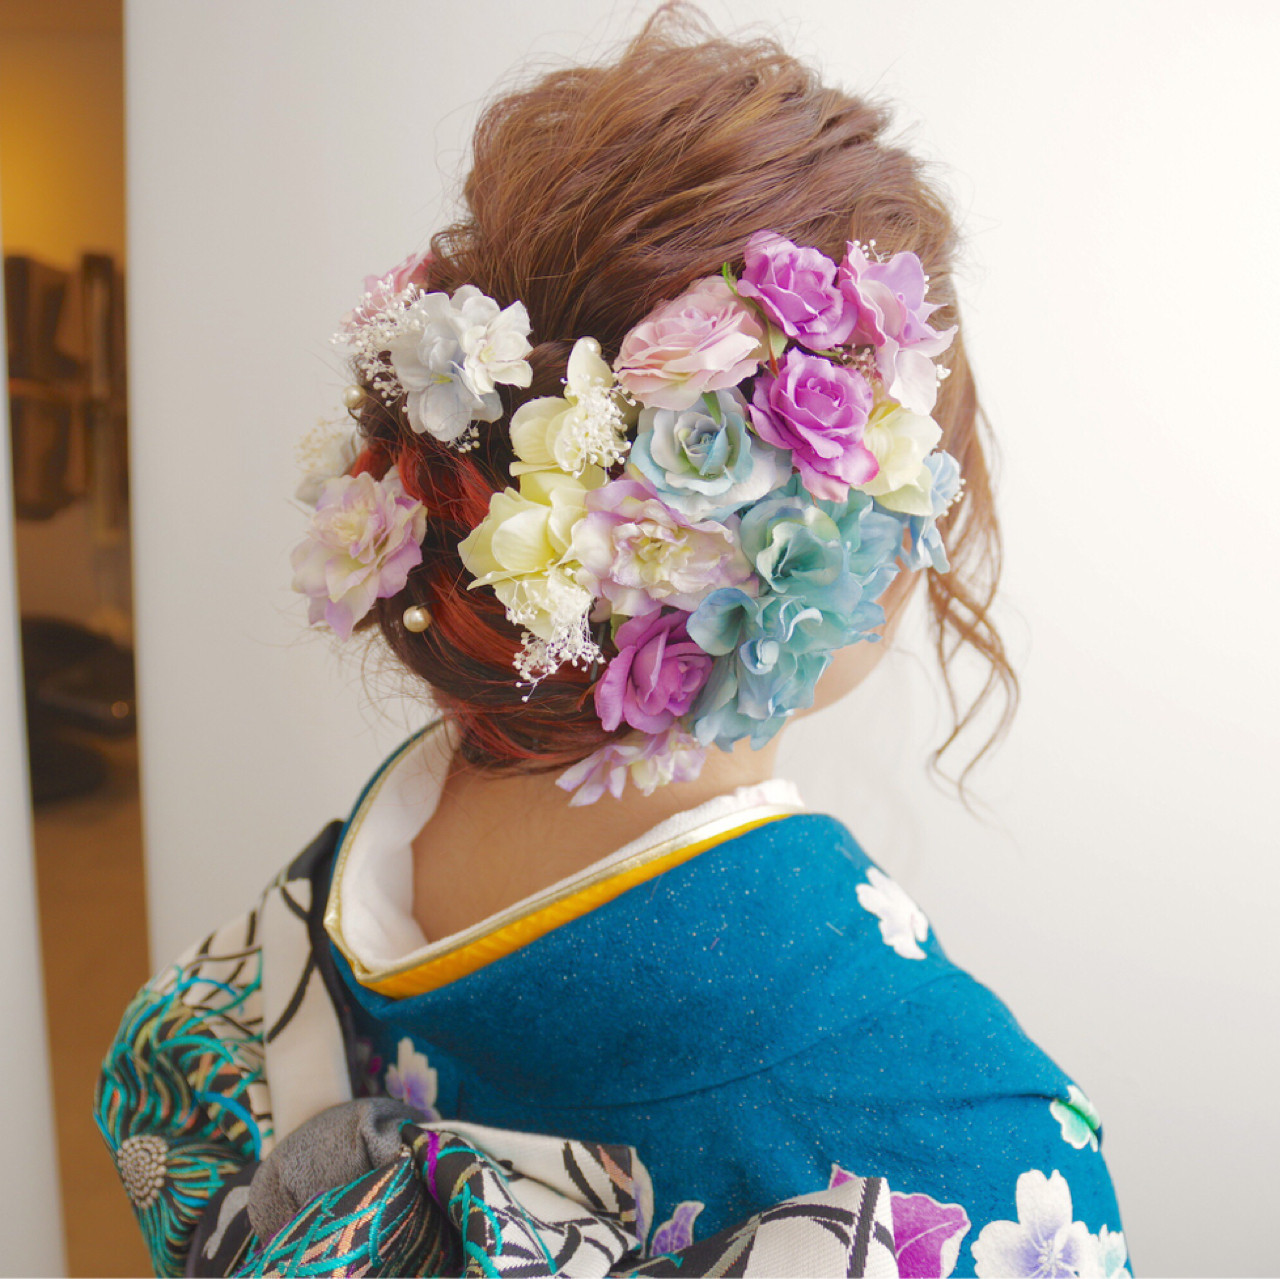 ヘアアレンジ ガーリー 振袖 セミロング ヘアスタイルや髪型の写真・画像 | 鳥越 ありさ / hair…nail  TLABeS